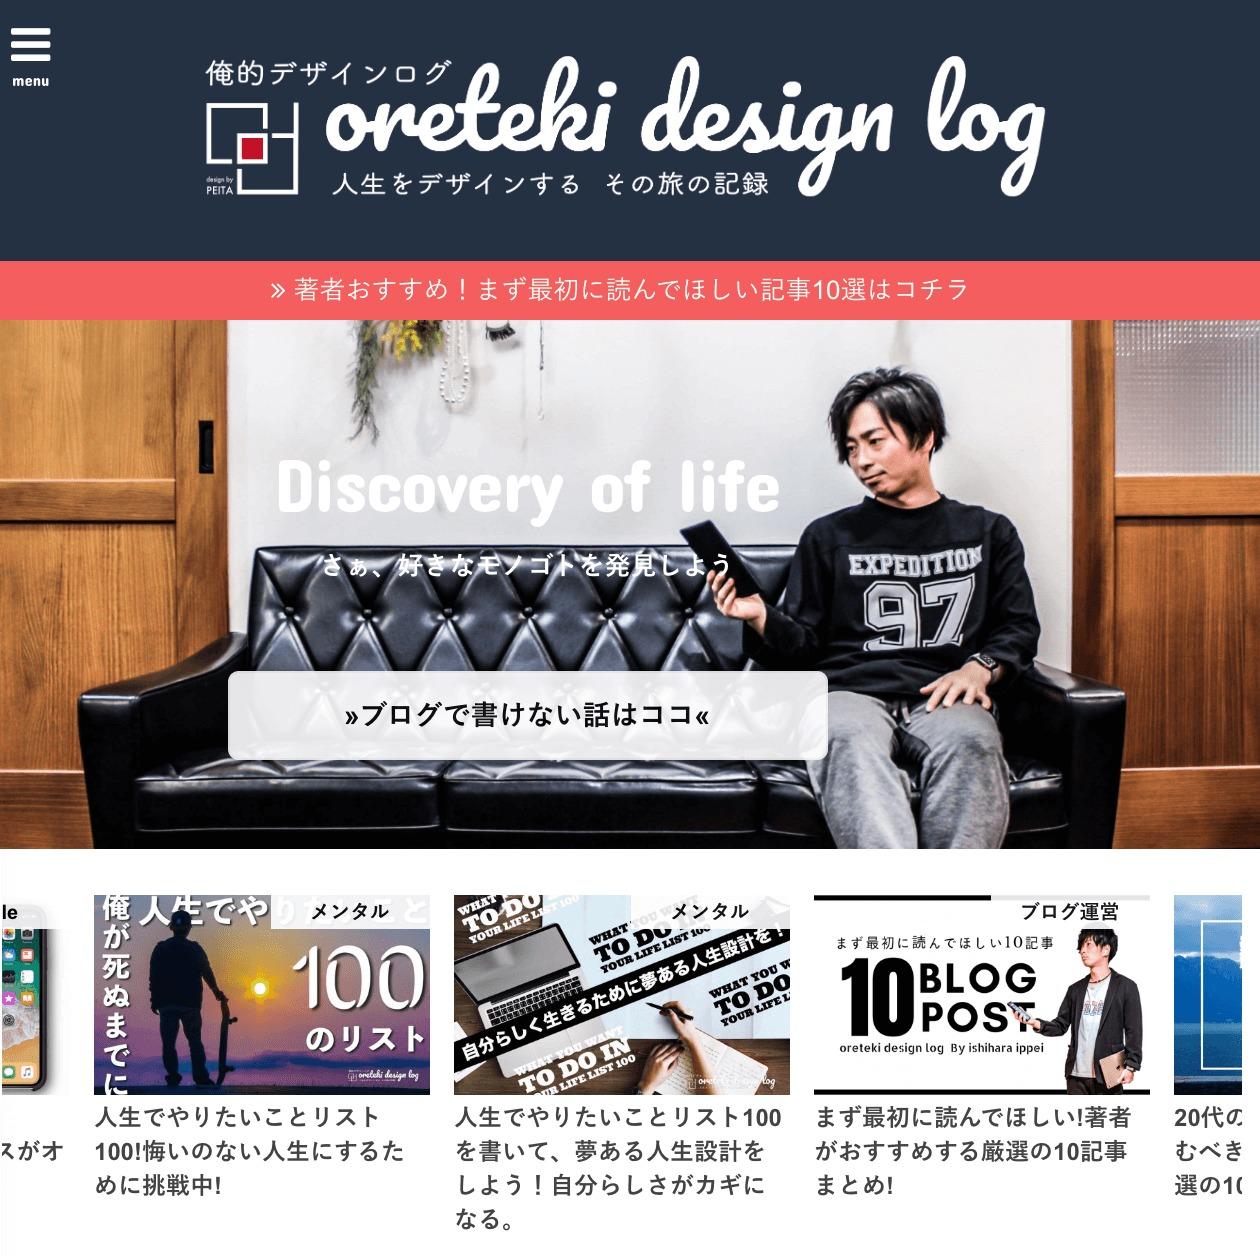 俺的デザインログ サイト スクショ